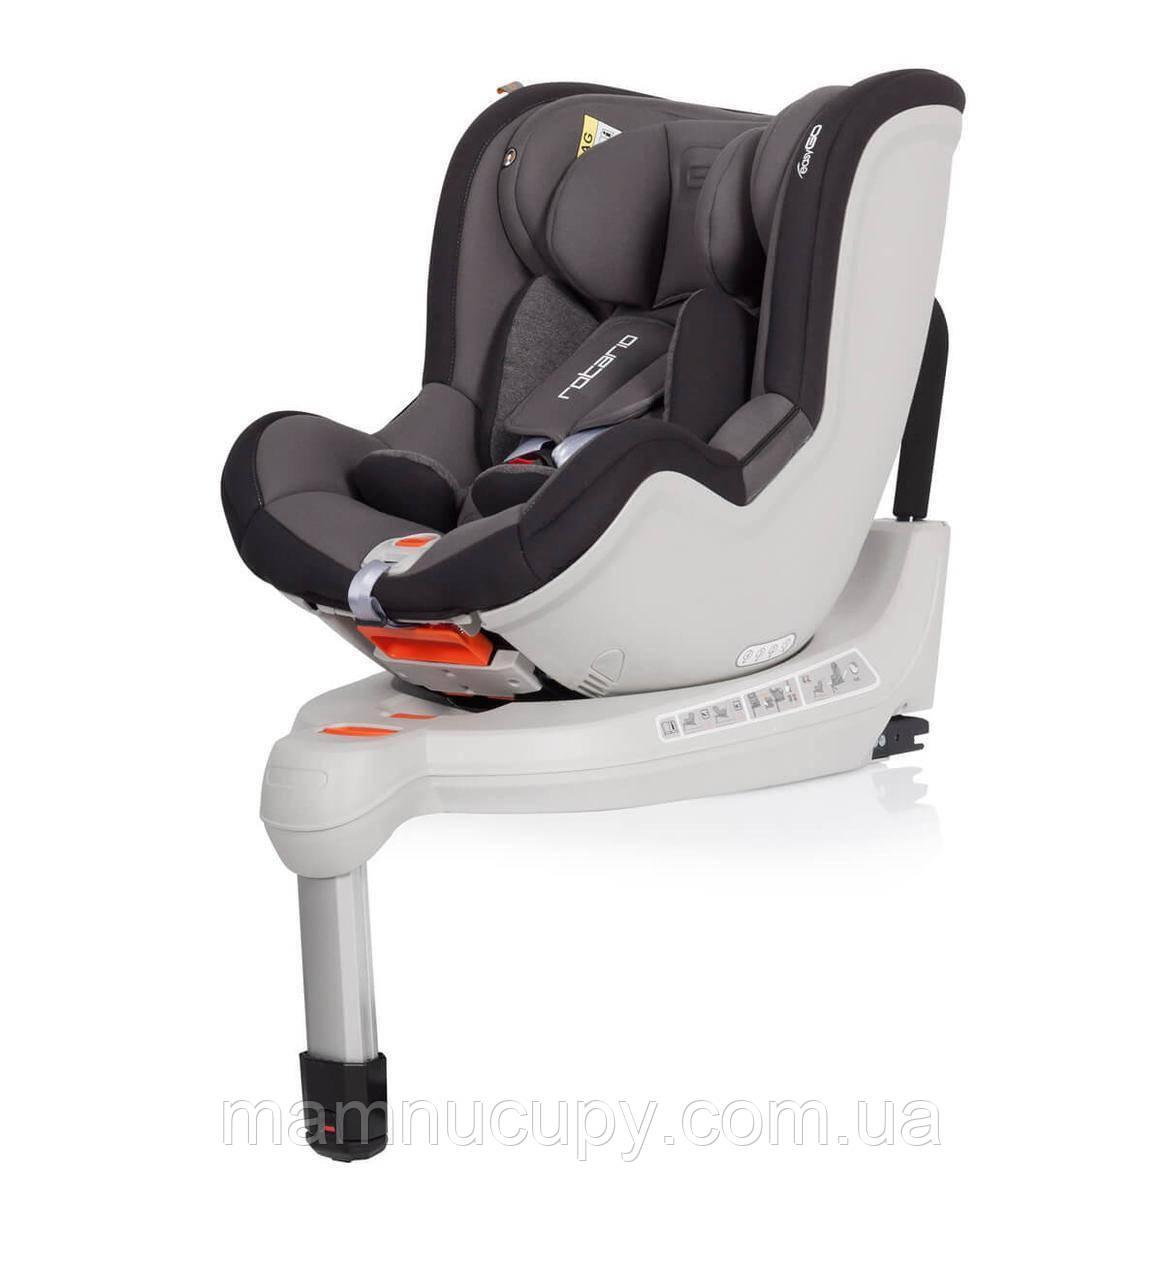 Автокрісло дитяче EasyGo Rotario Isofix Titanium, 0-18 кг